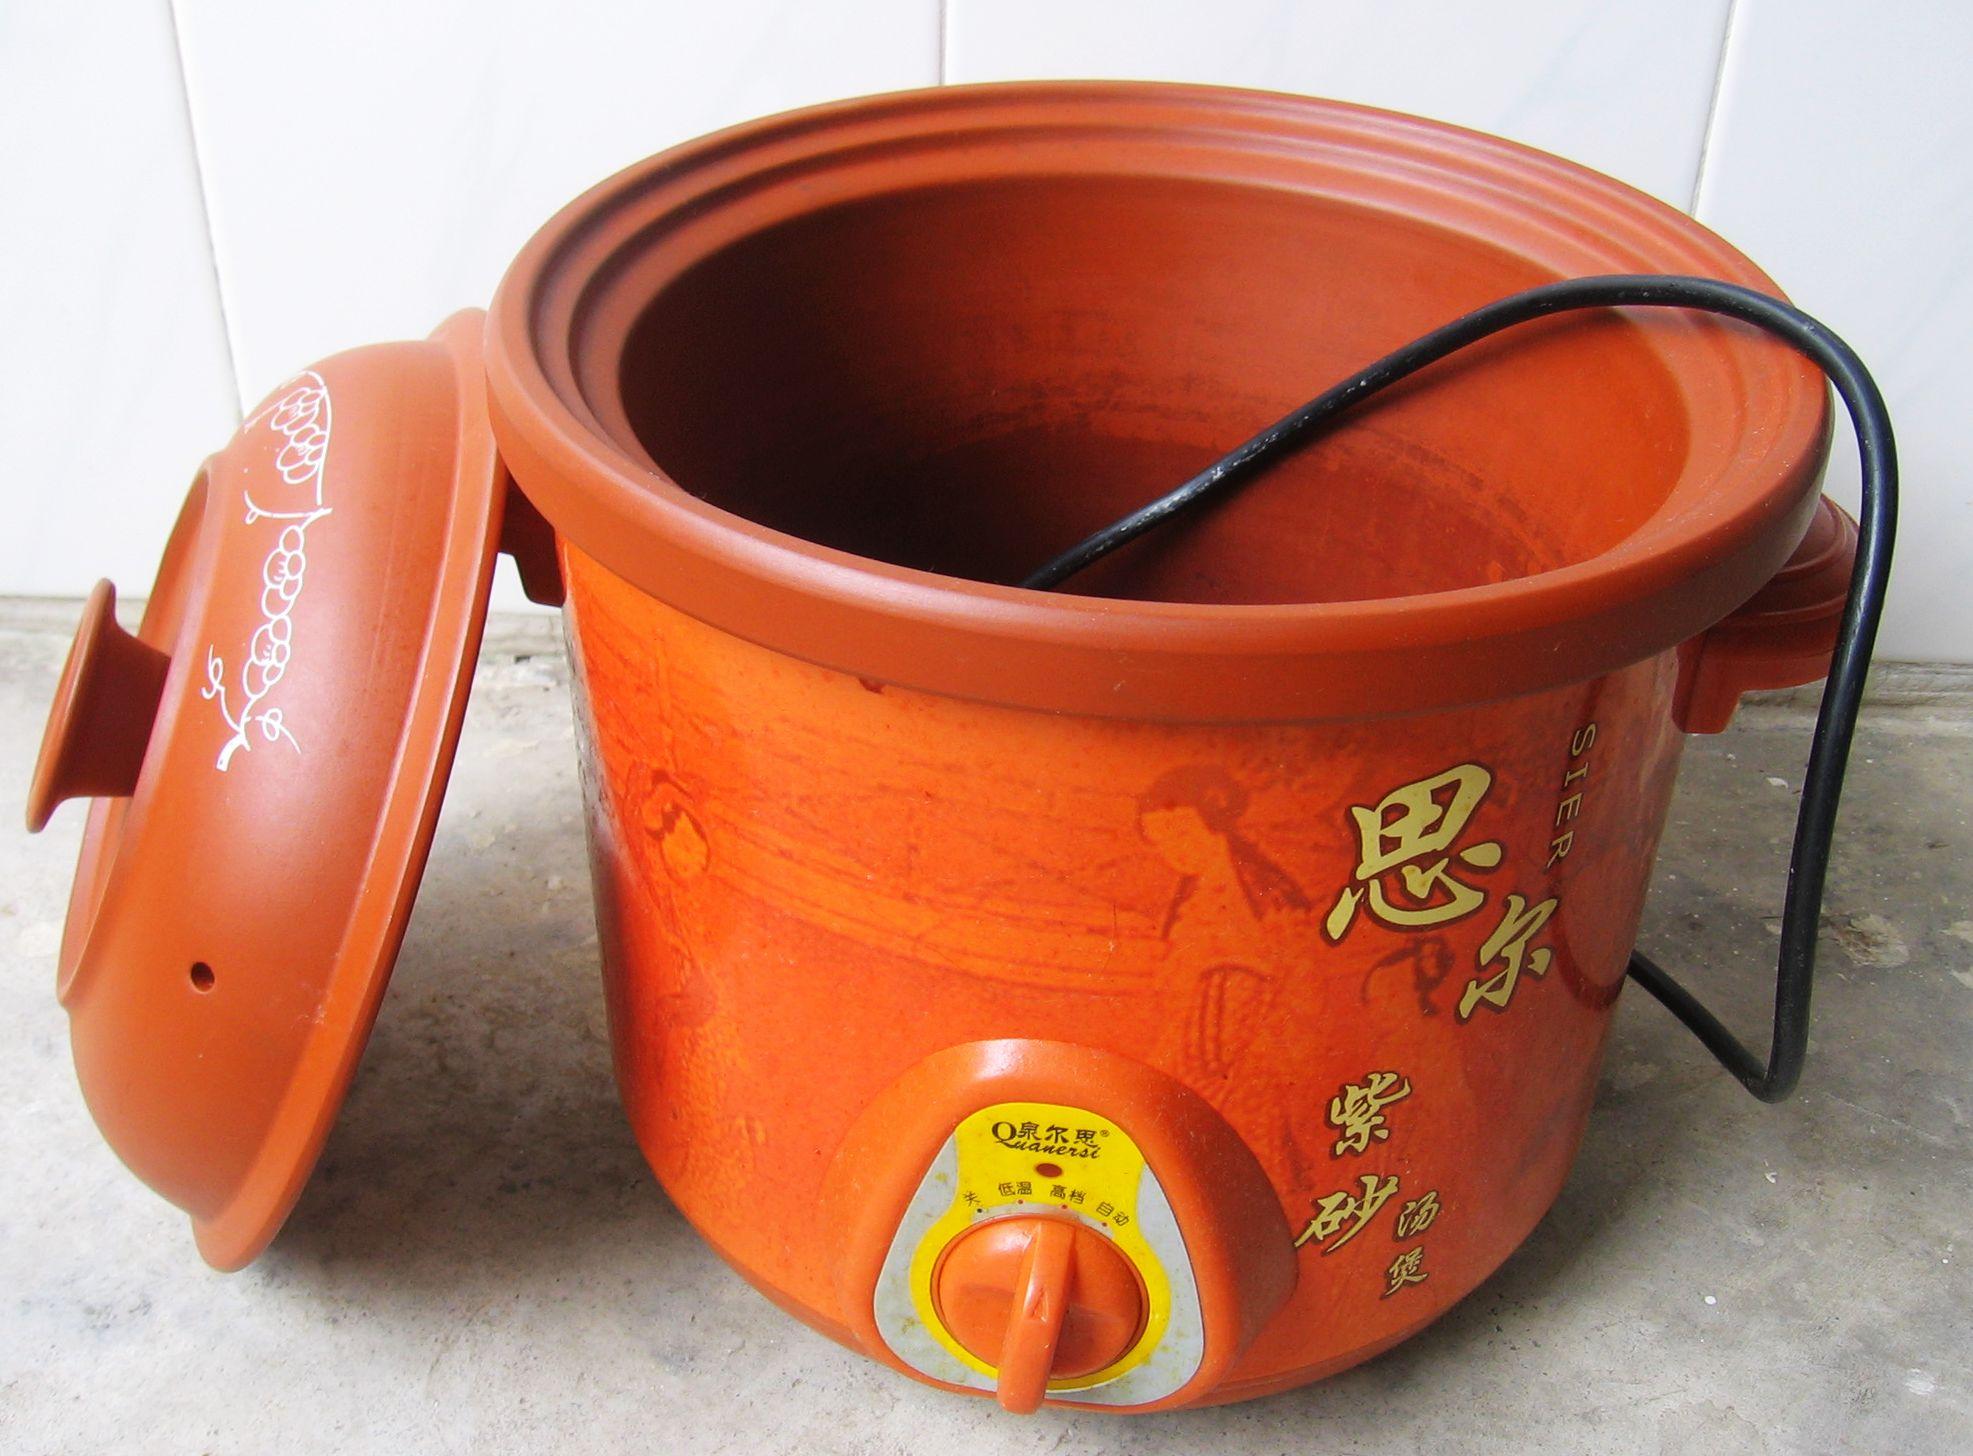 产品:泉尔思紫砂锅 ●产地:广东 ●电源电压